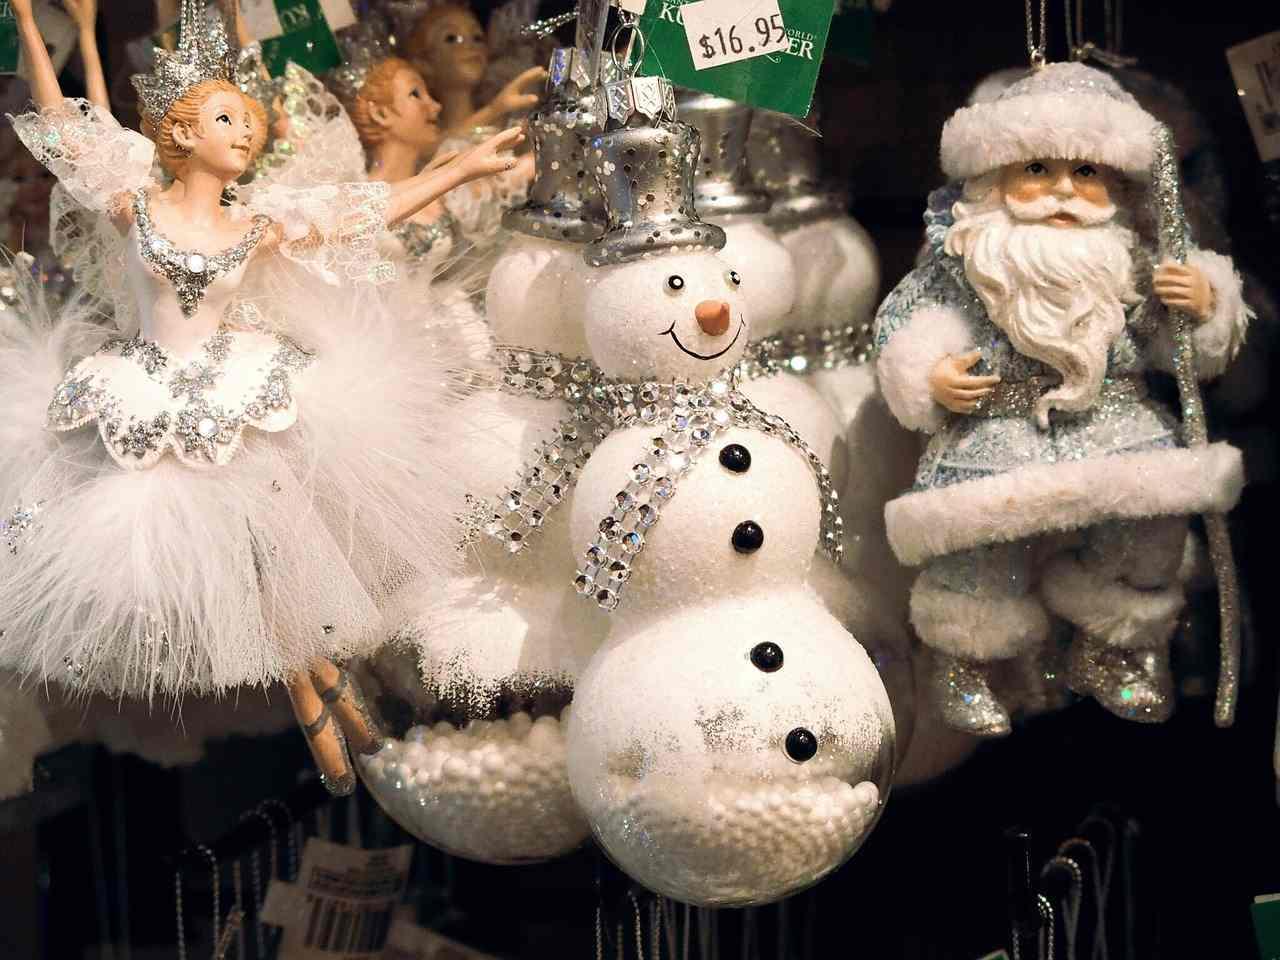 Lojas enfeitadas durante o Natal em Nova York